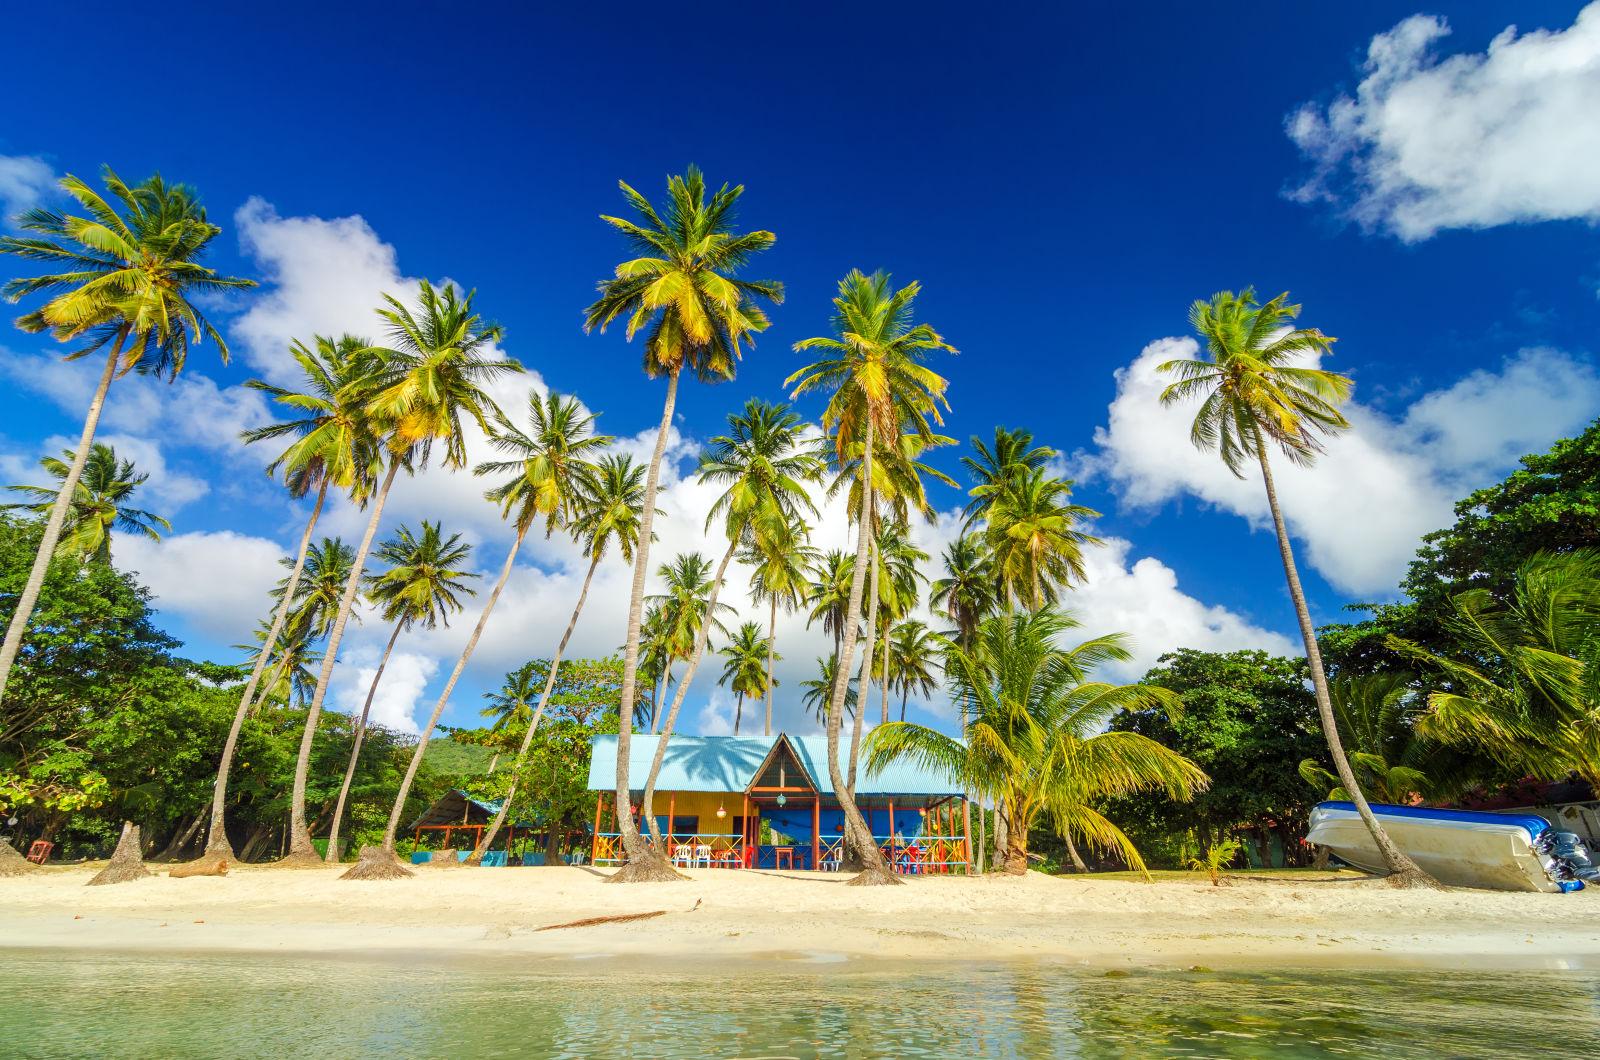 Bunte Hütte umgeben von Palmenan einem Strand in San Andrés, Kolumbien